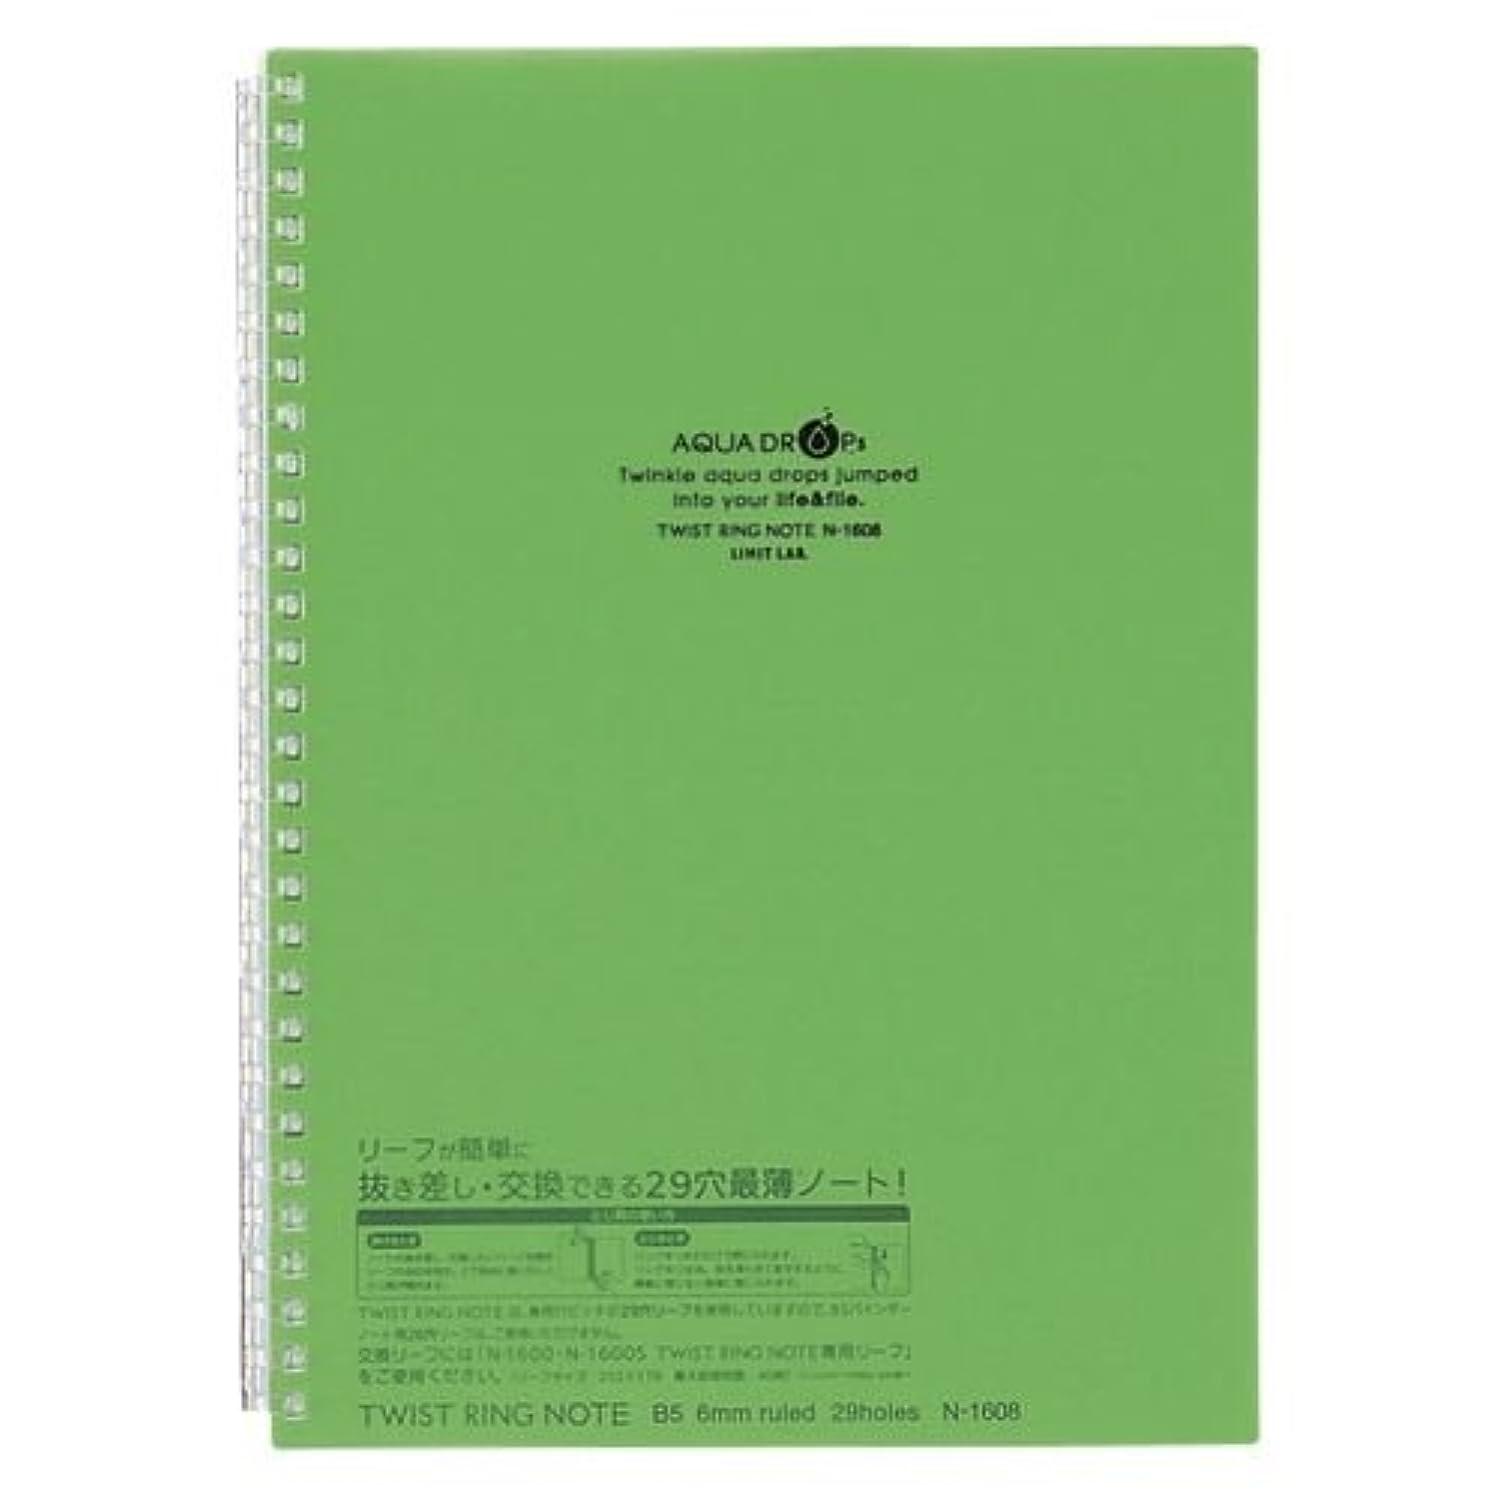 リヒトラブ ツイストリングノート B5 黄緑 N-1608-6 00005265【まとめ買い10冊セット】